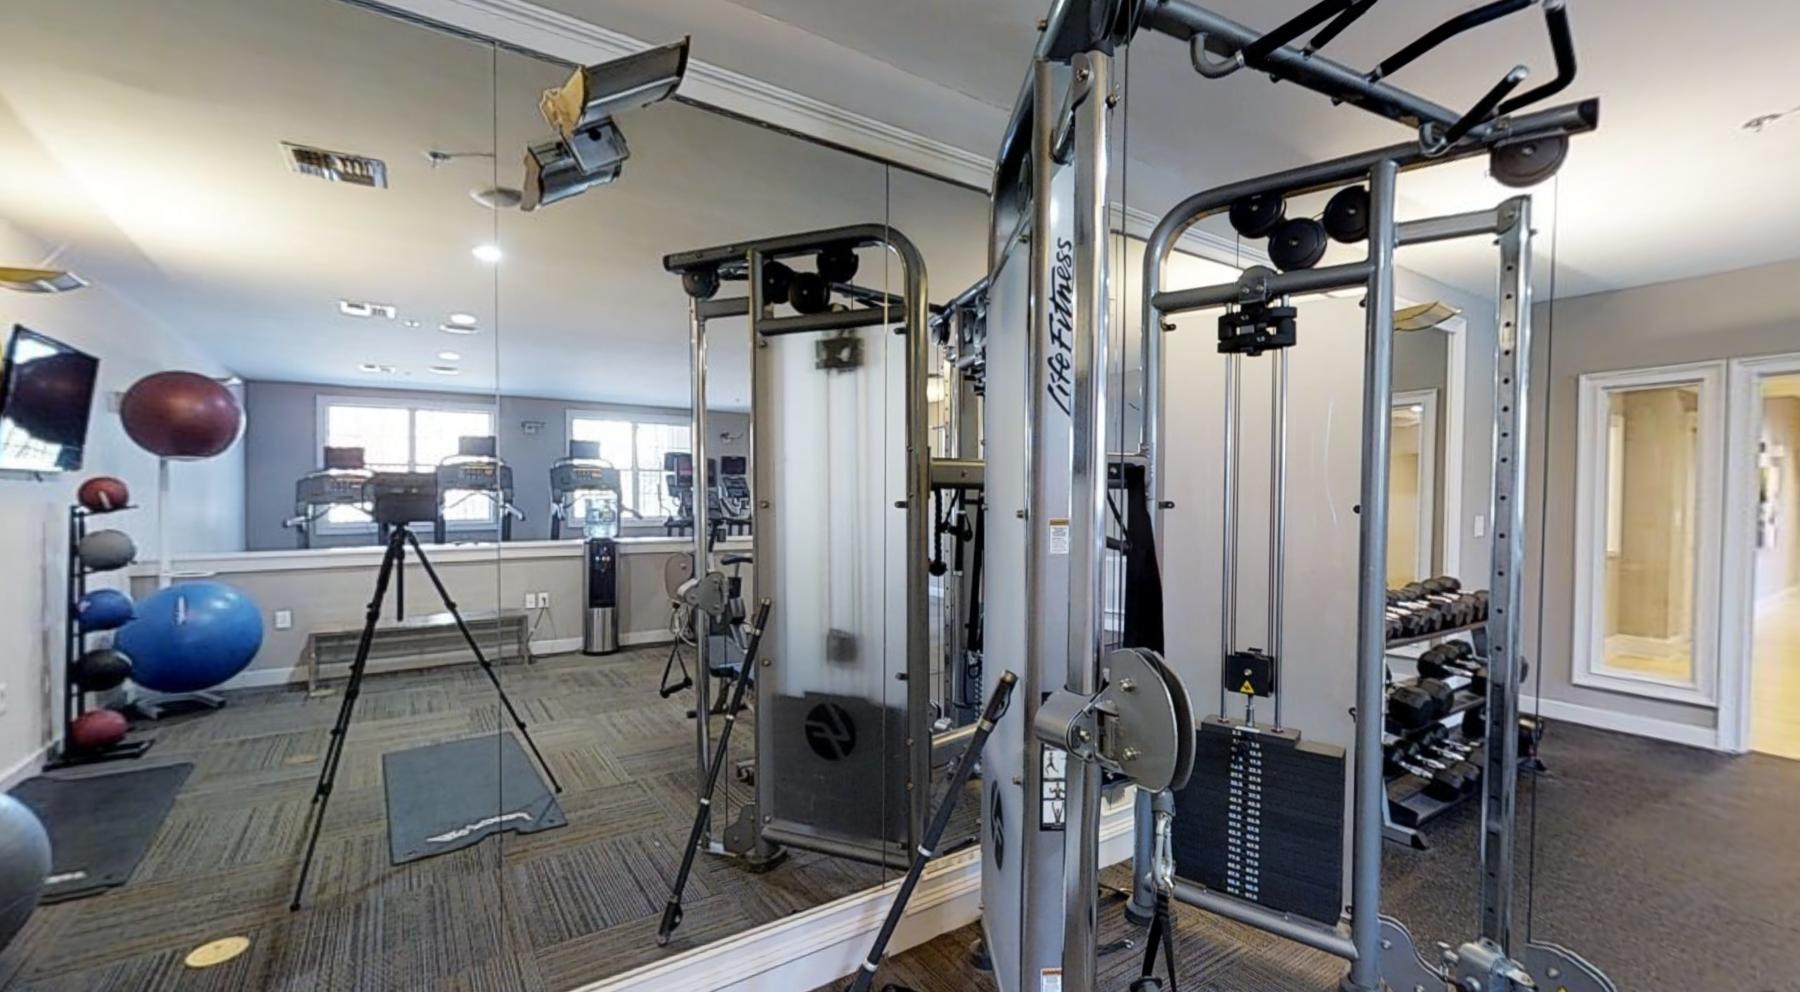 15 - Fitness Center